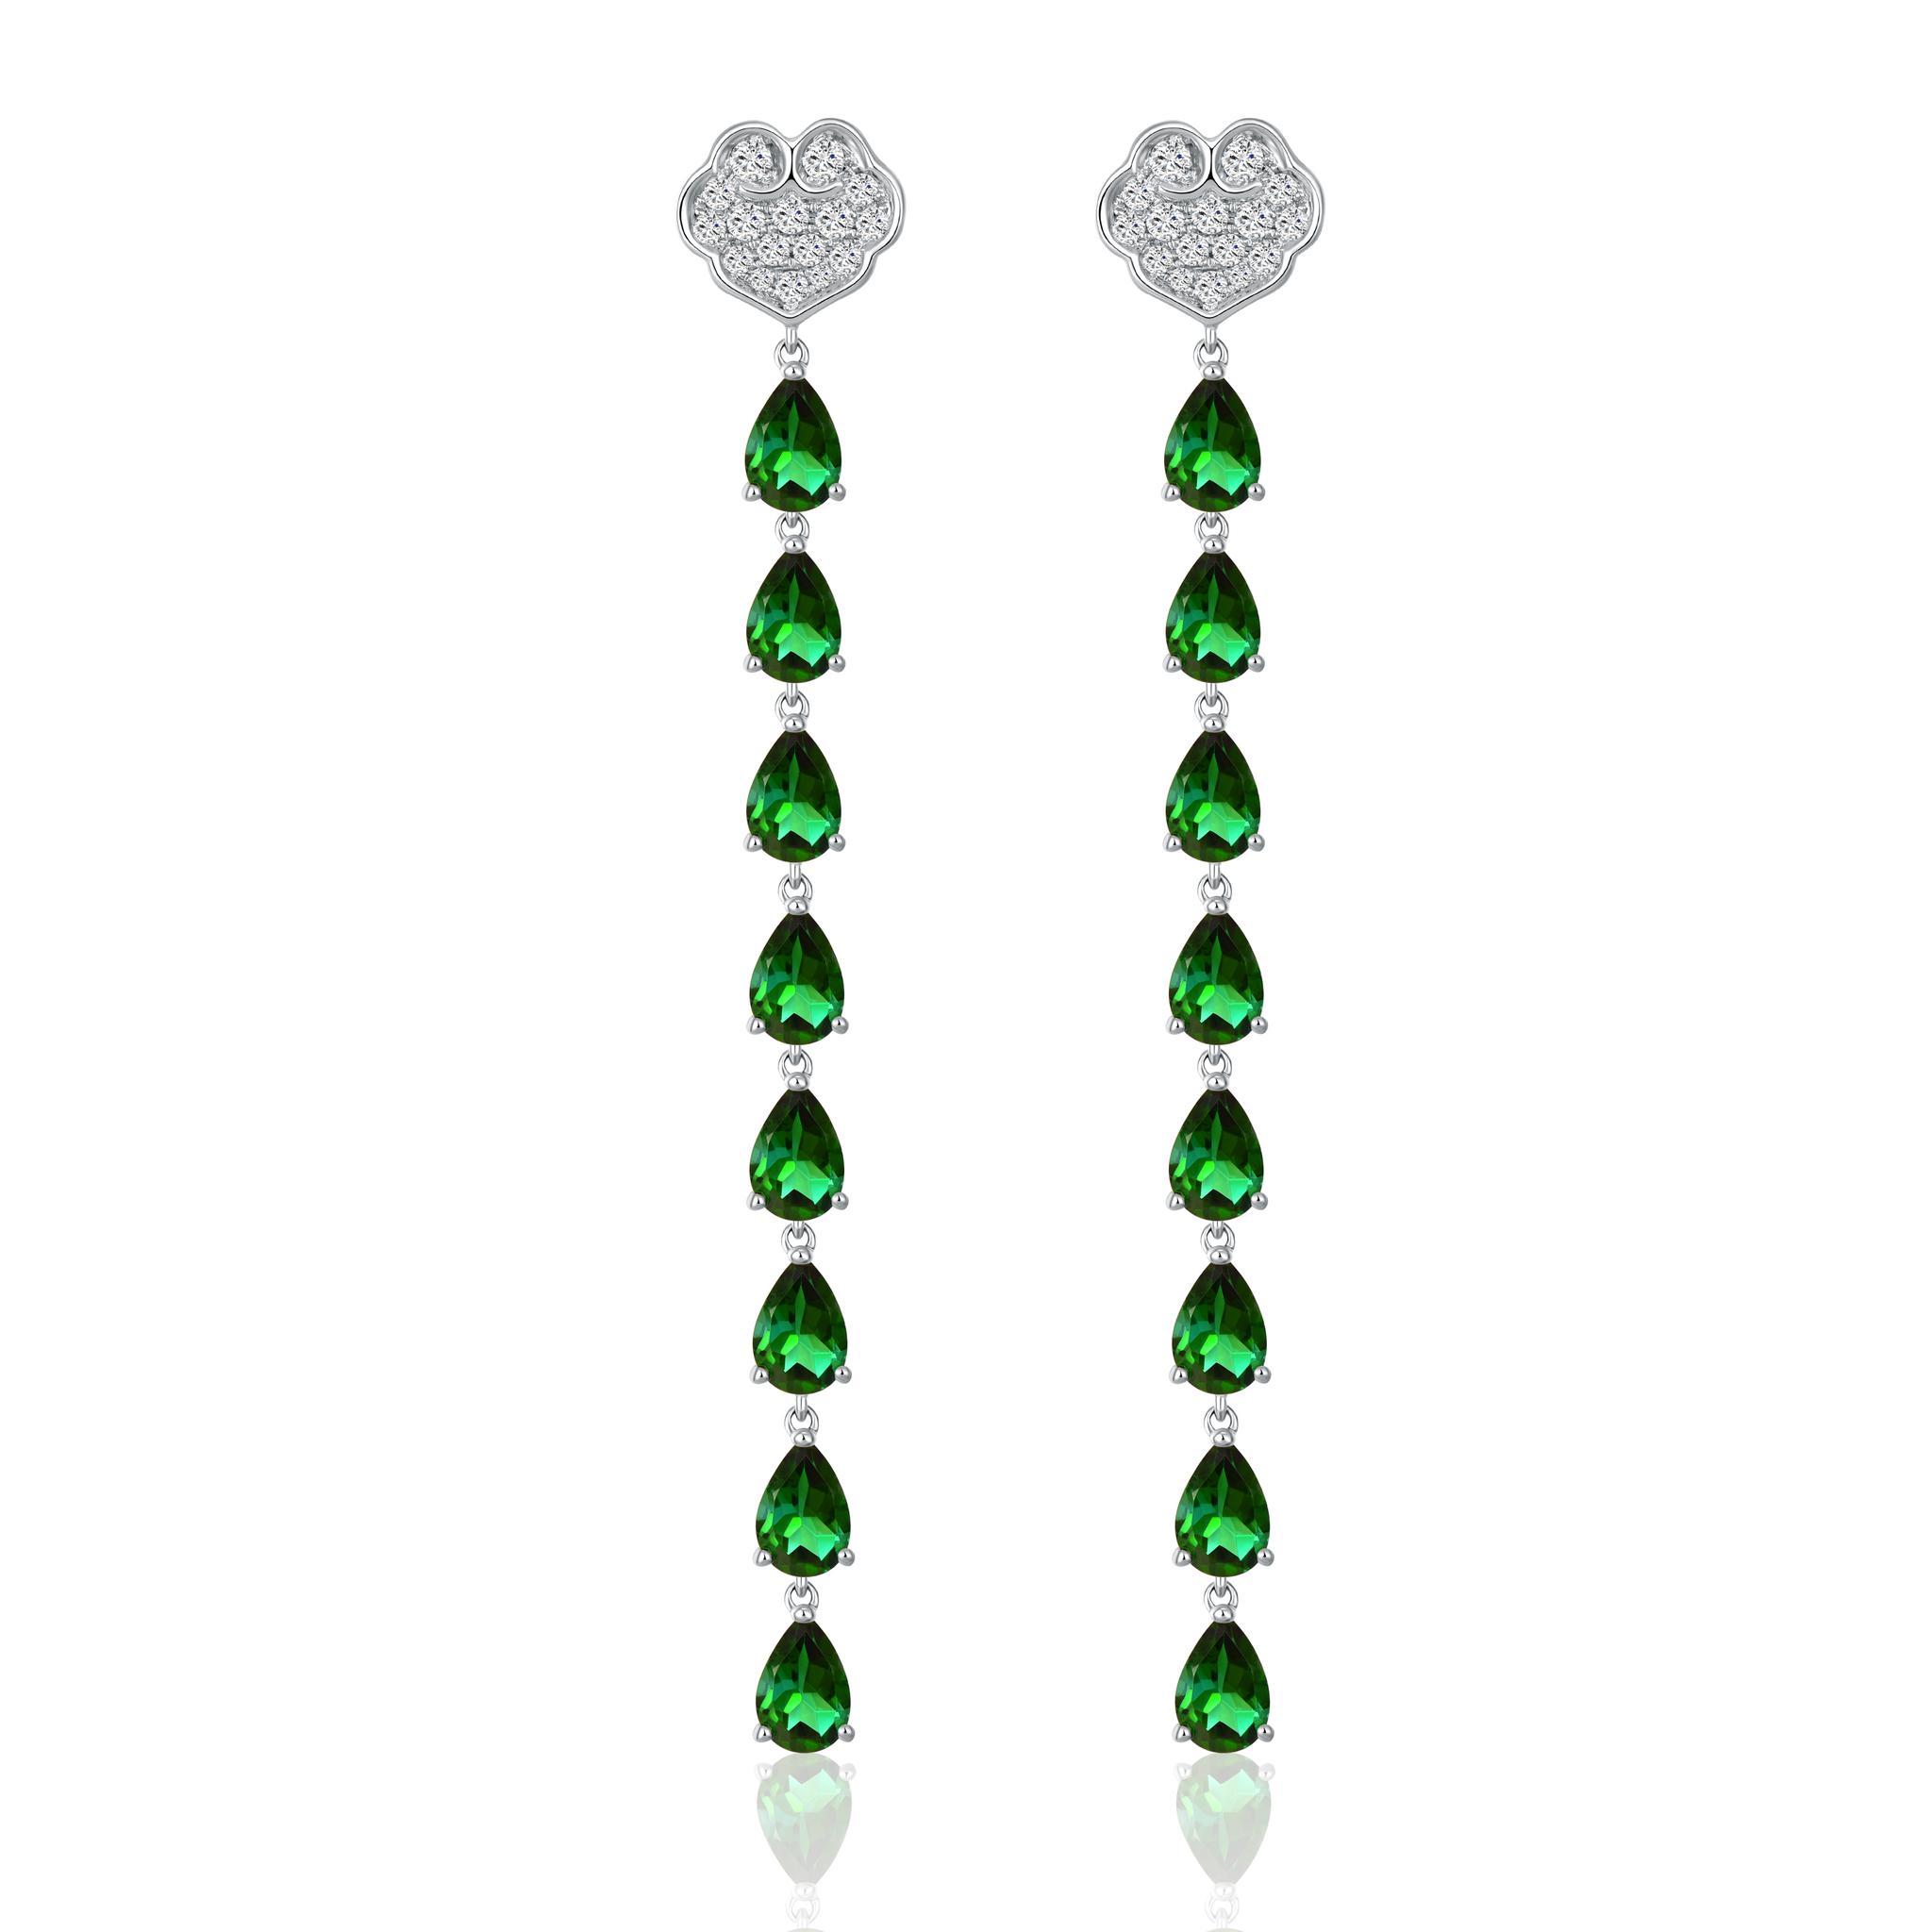 故宫宫廷文化 x ENZO 如意系列 18K金镶绿碧玺及钻石耳饰